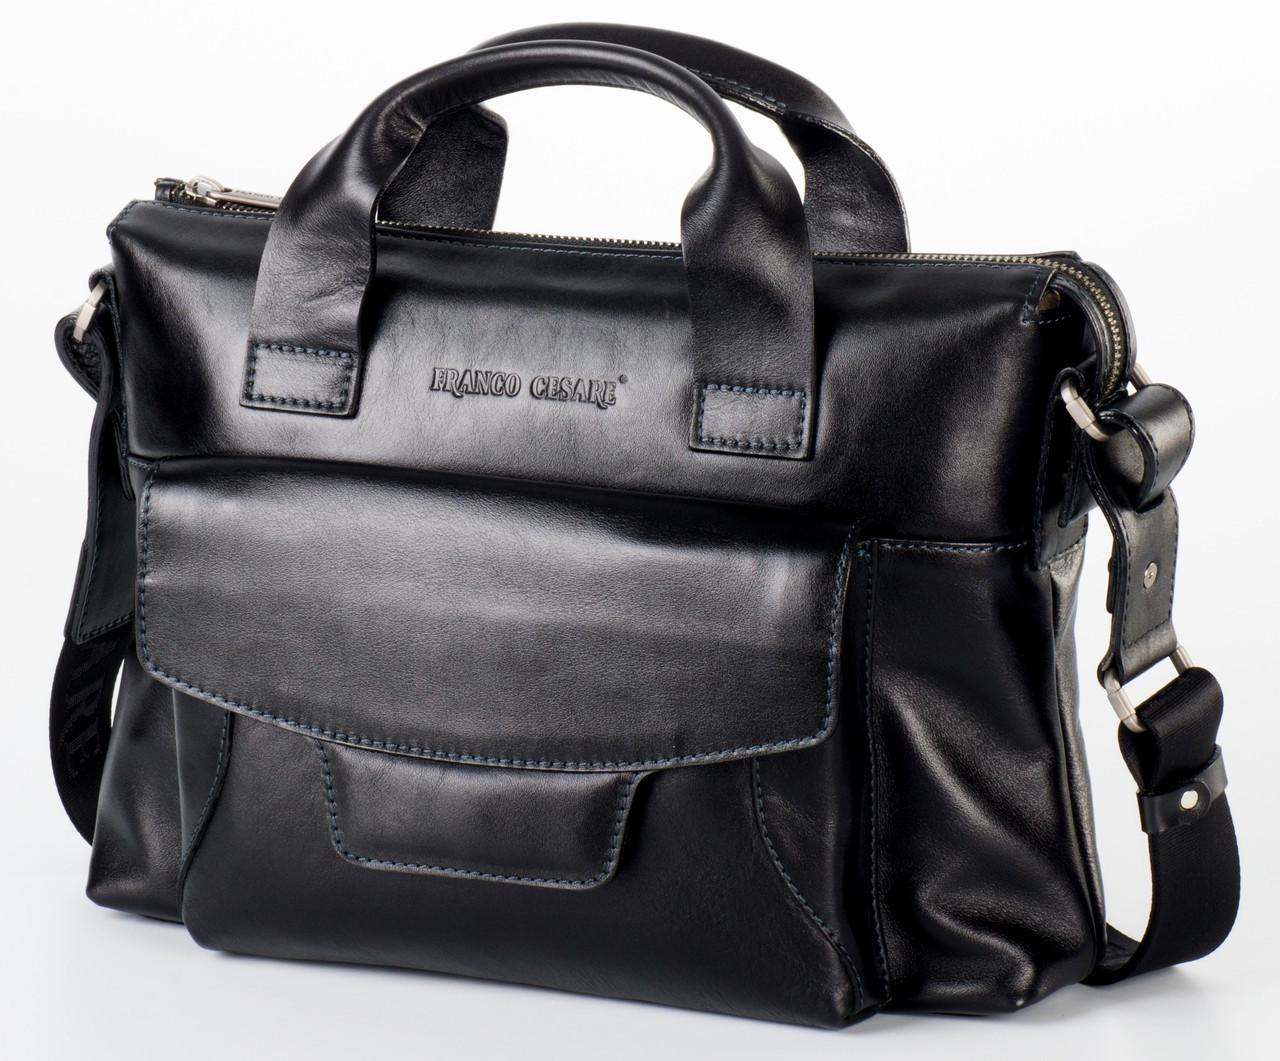 Практичная мужская сумка из чёрной кожи FC-3132-L1 бренда FRANCO CESARE